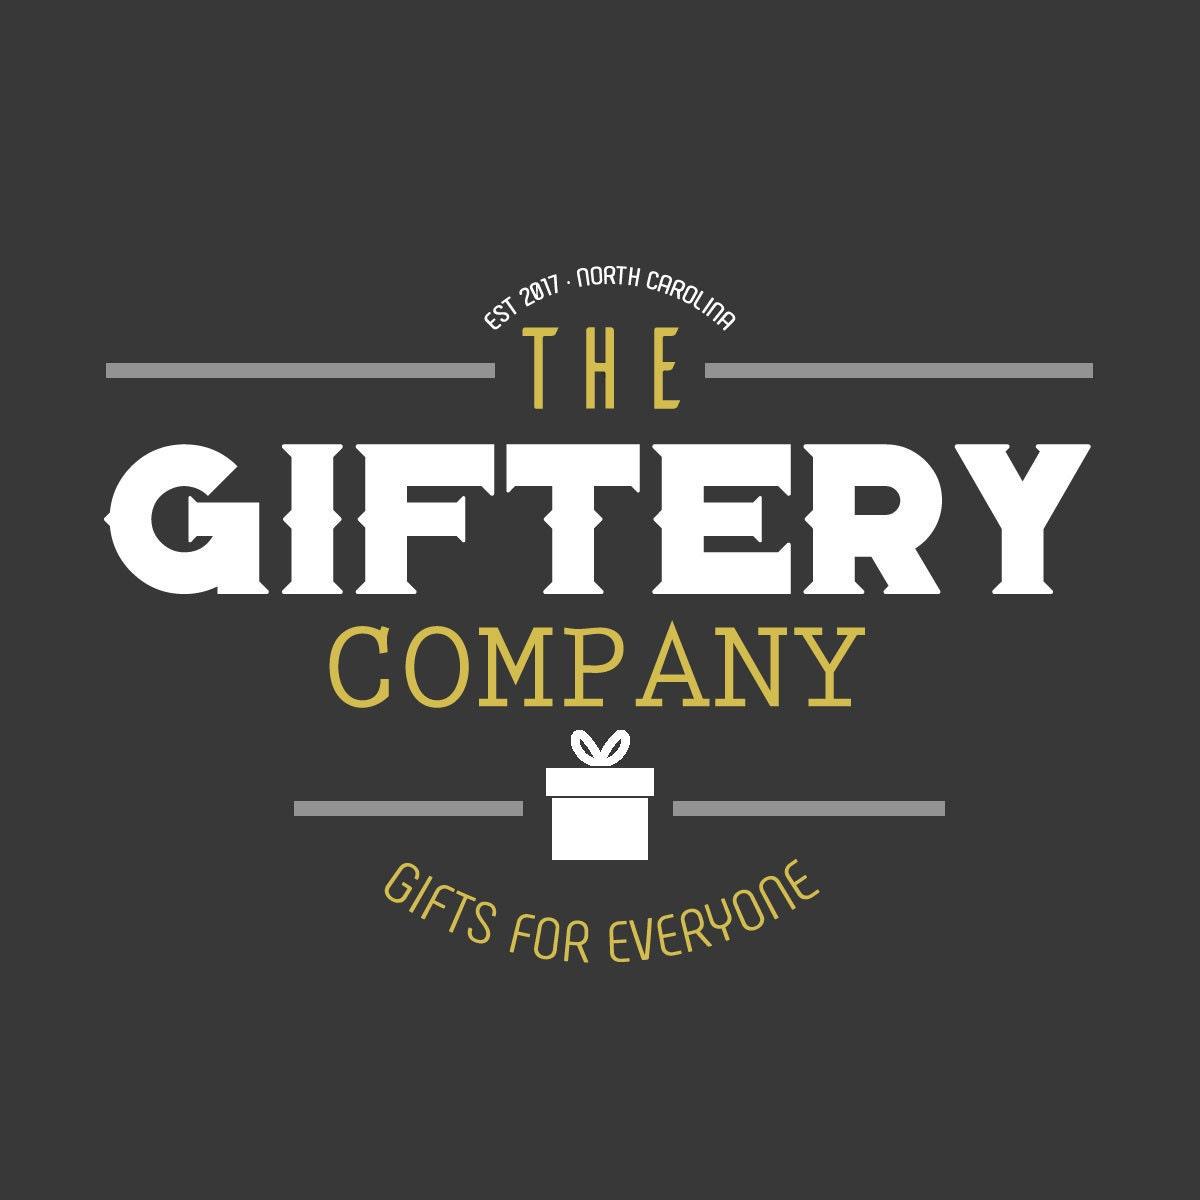 TheGifteryCompany